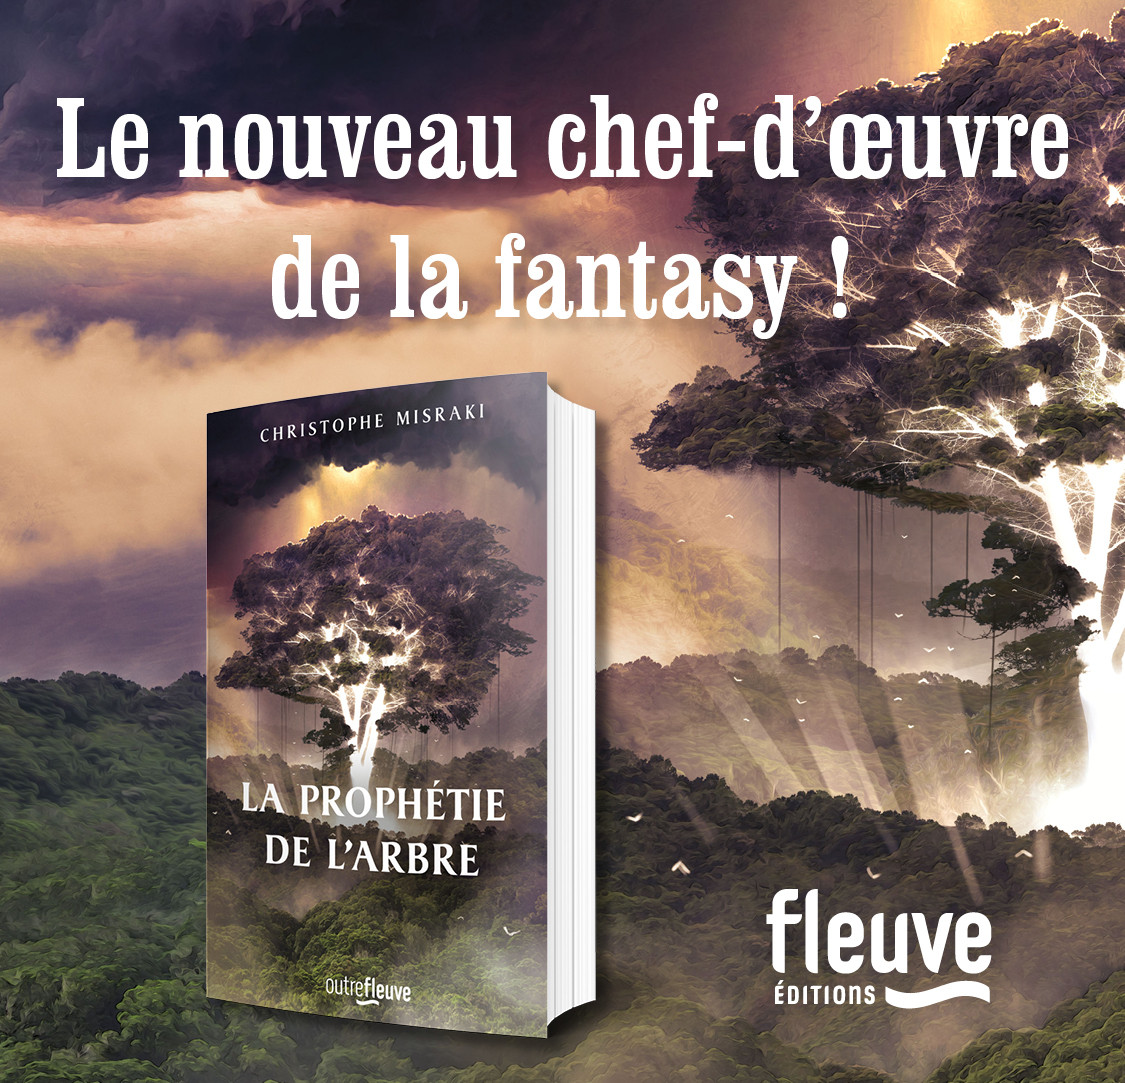 6399_1_La_Prophetie_de_larbre_-_540x520.jpg